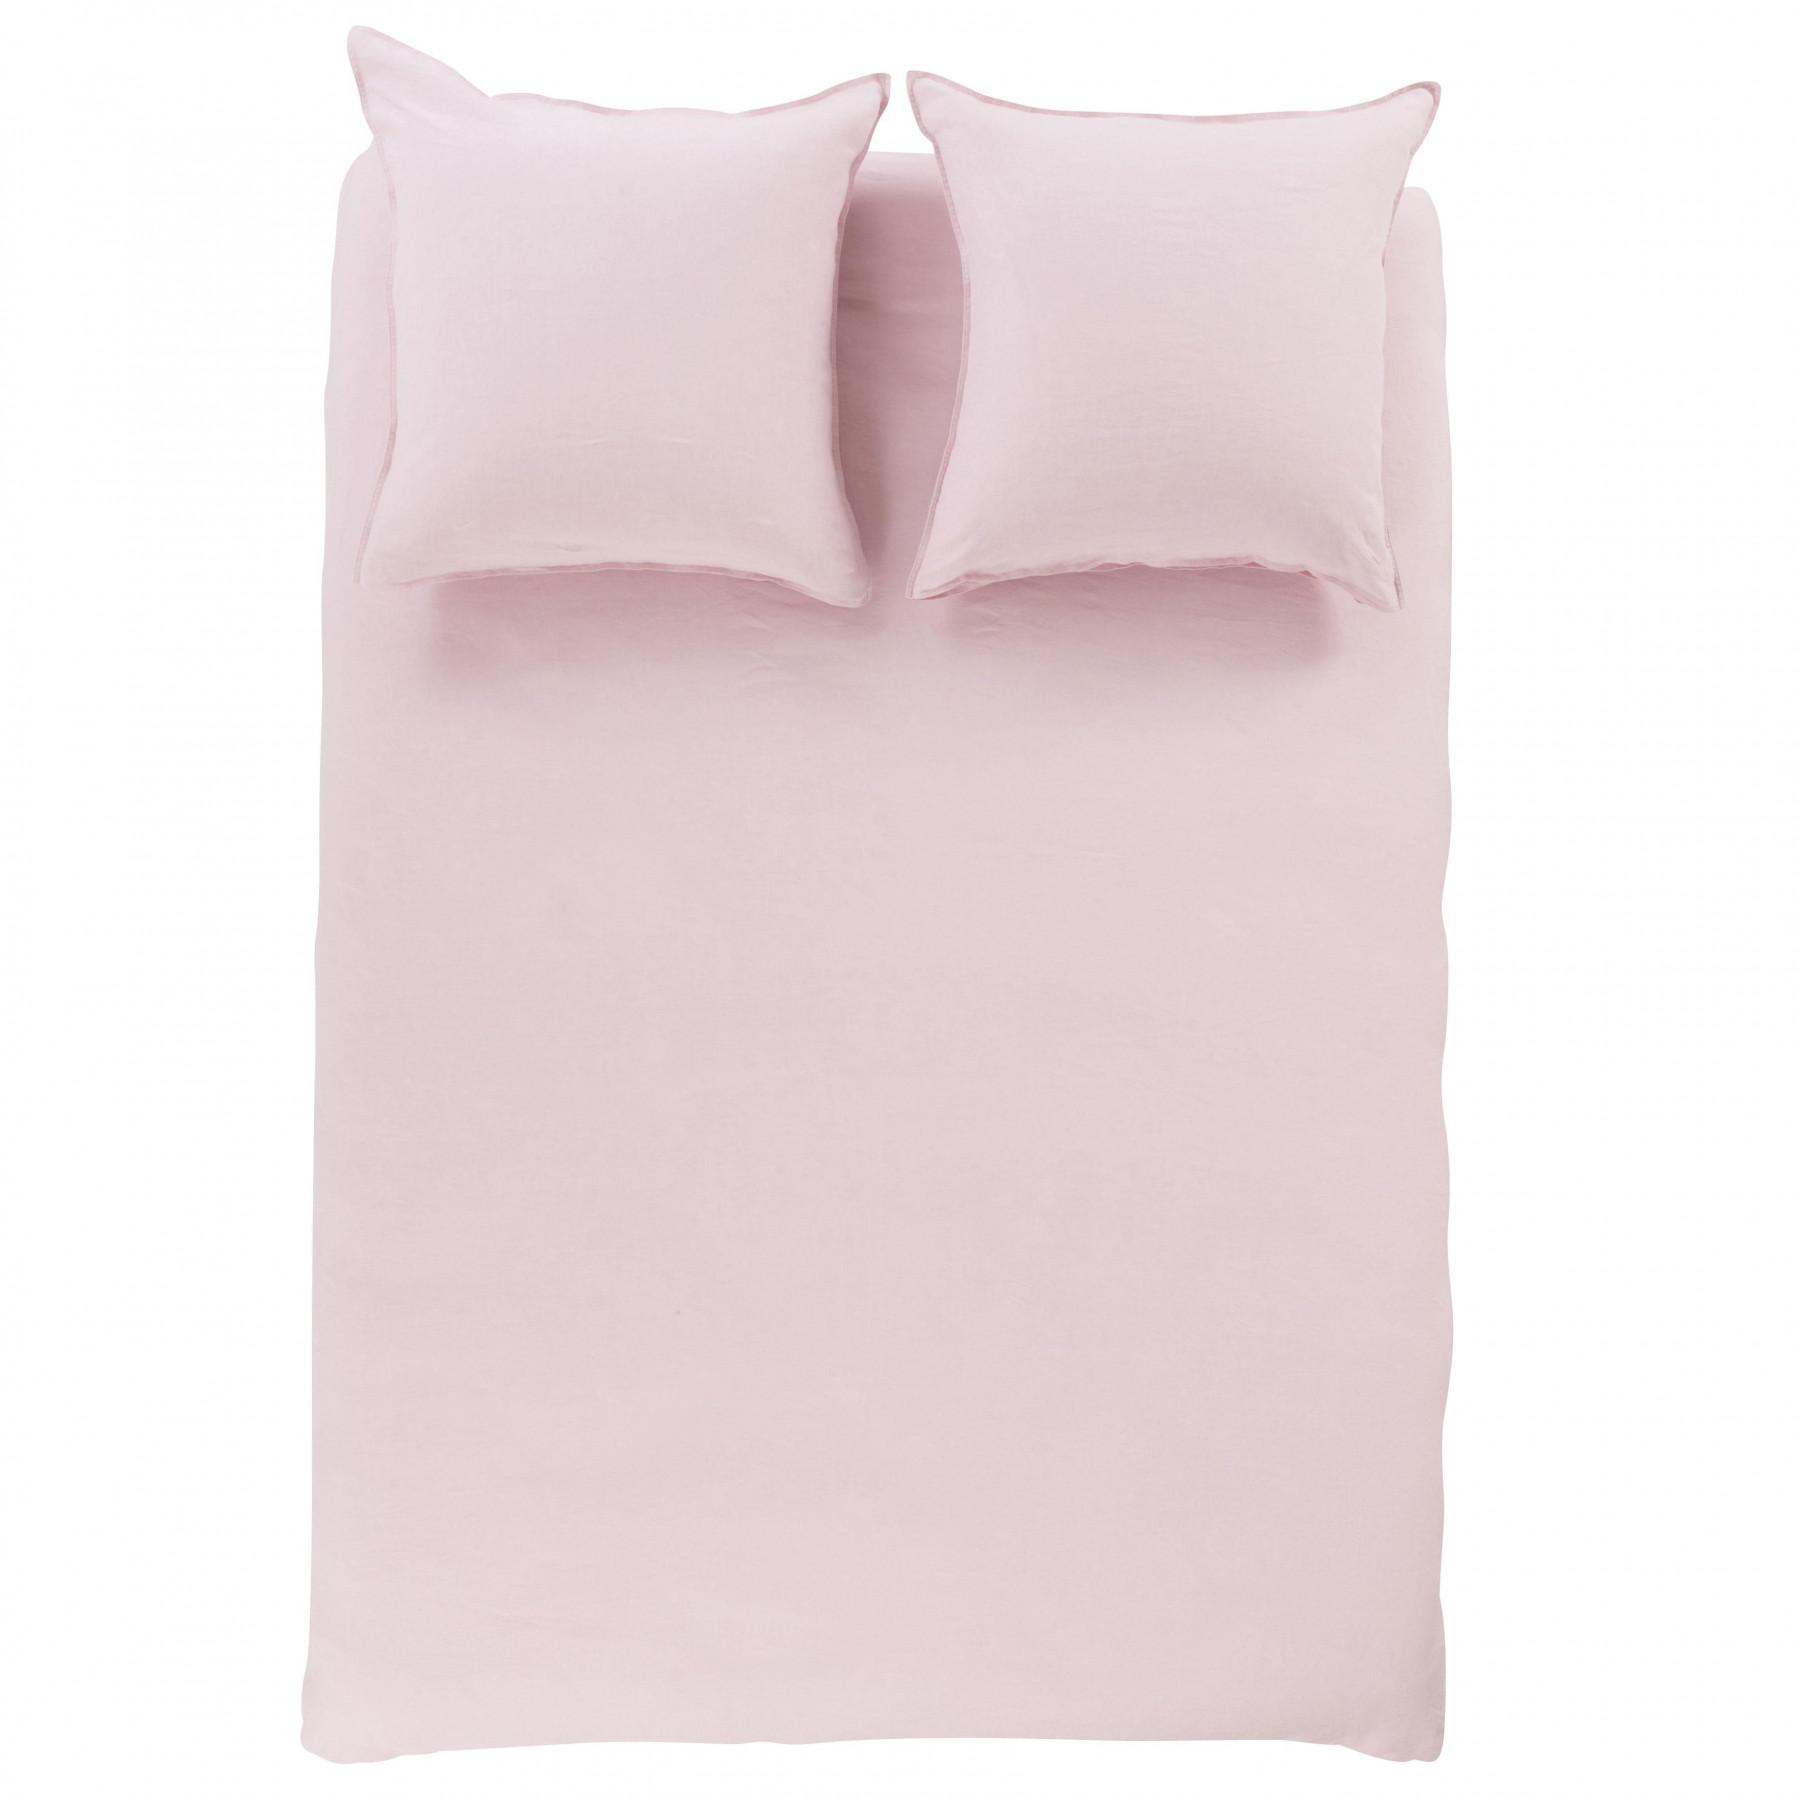 Parure de lit lin et coton lavé Songe poudre - 4